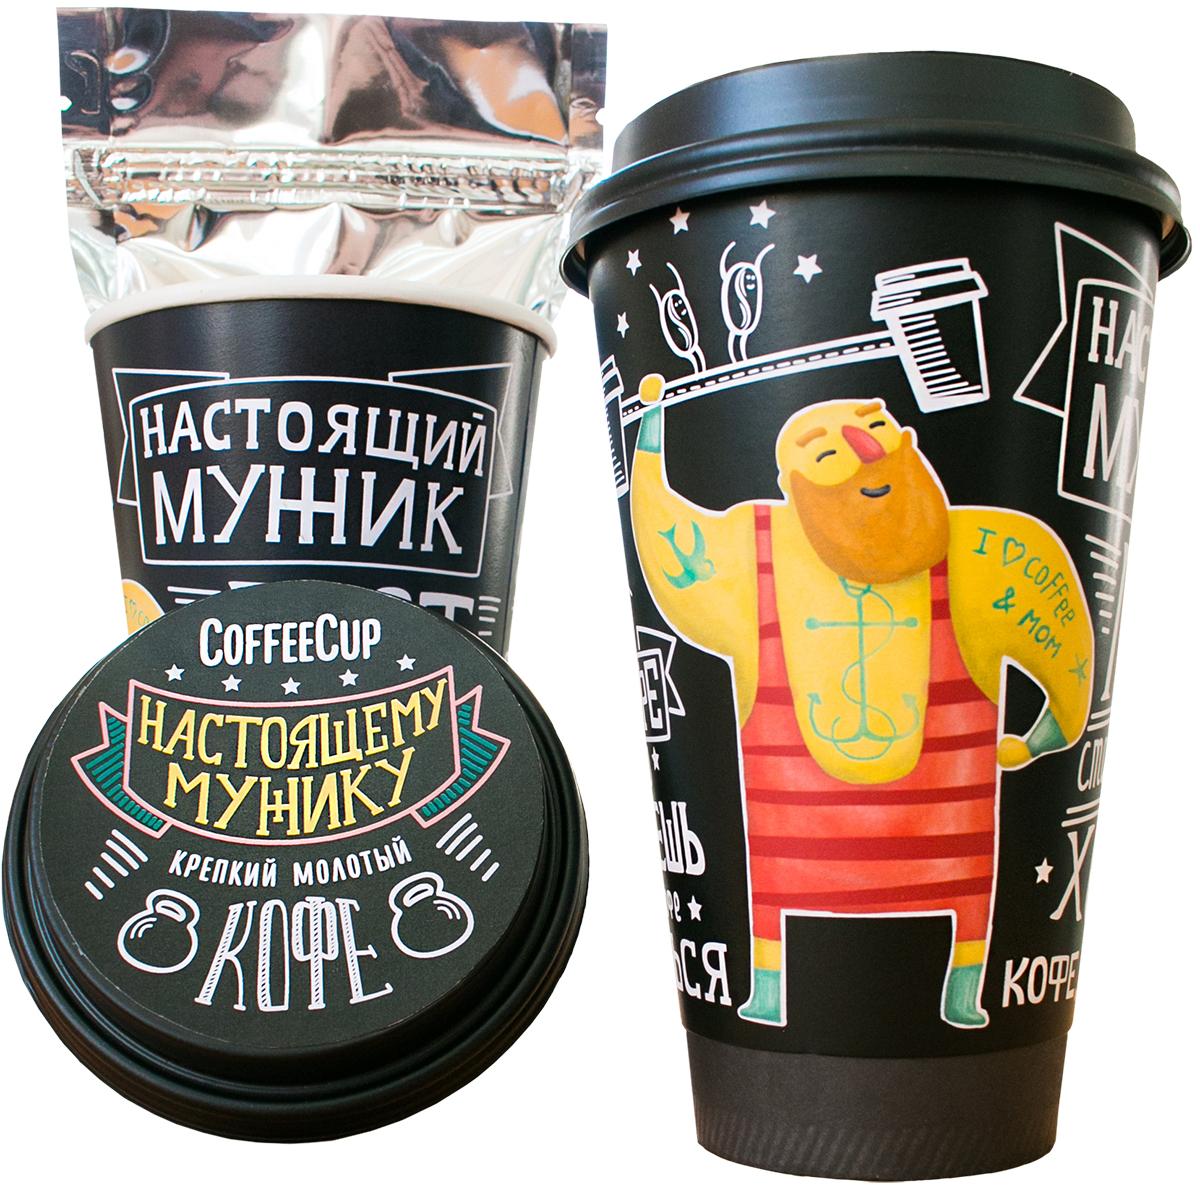 Chokocat Настоящему мужику молотый кофе, 100 г яна юрышева кофе 100 правил историй рецептов